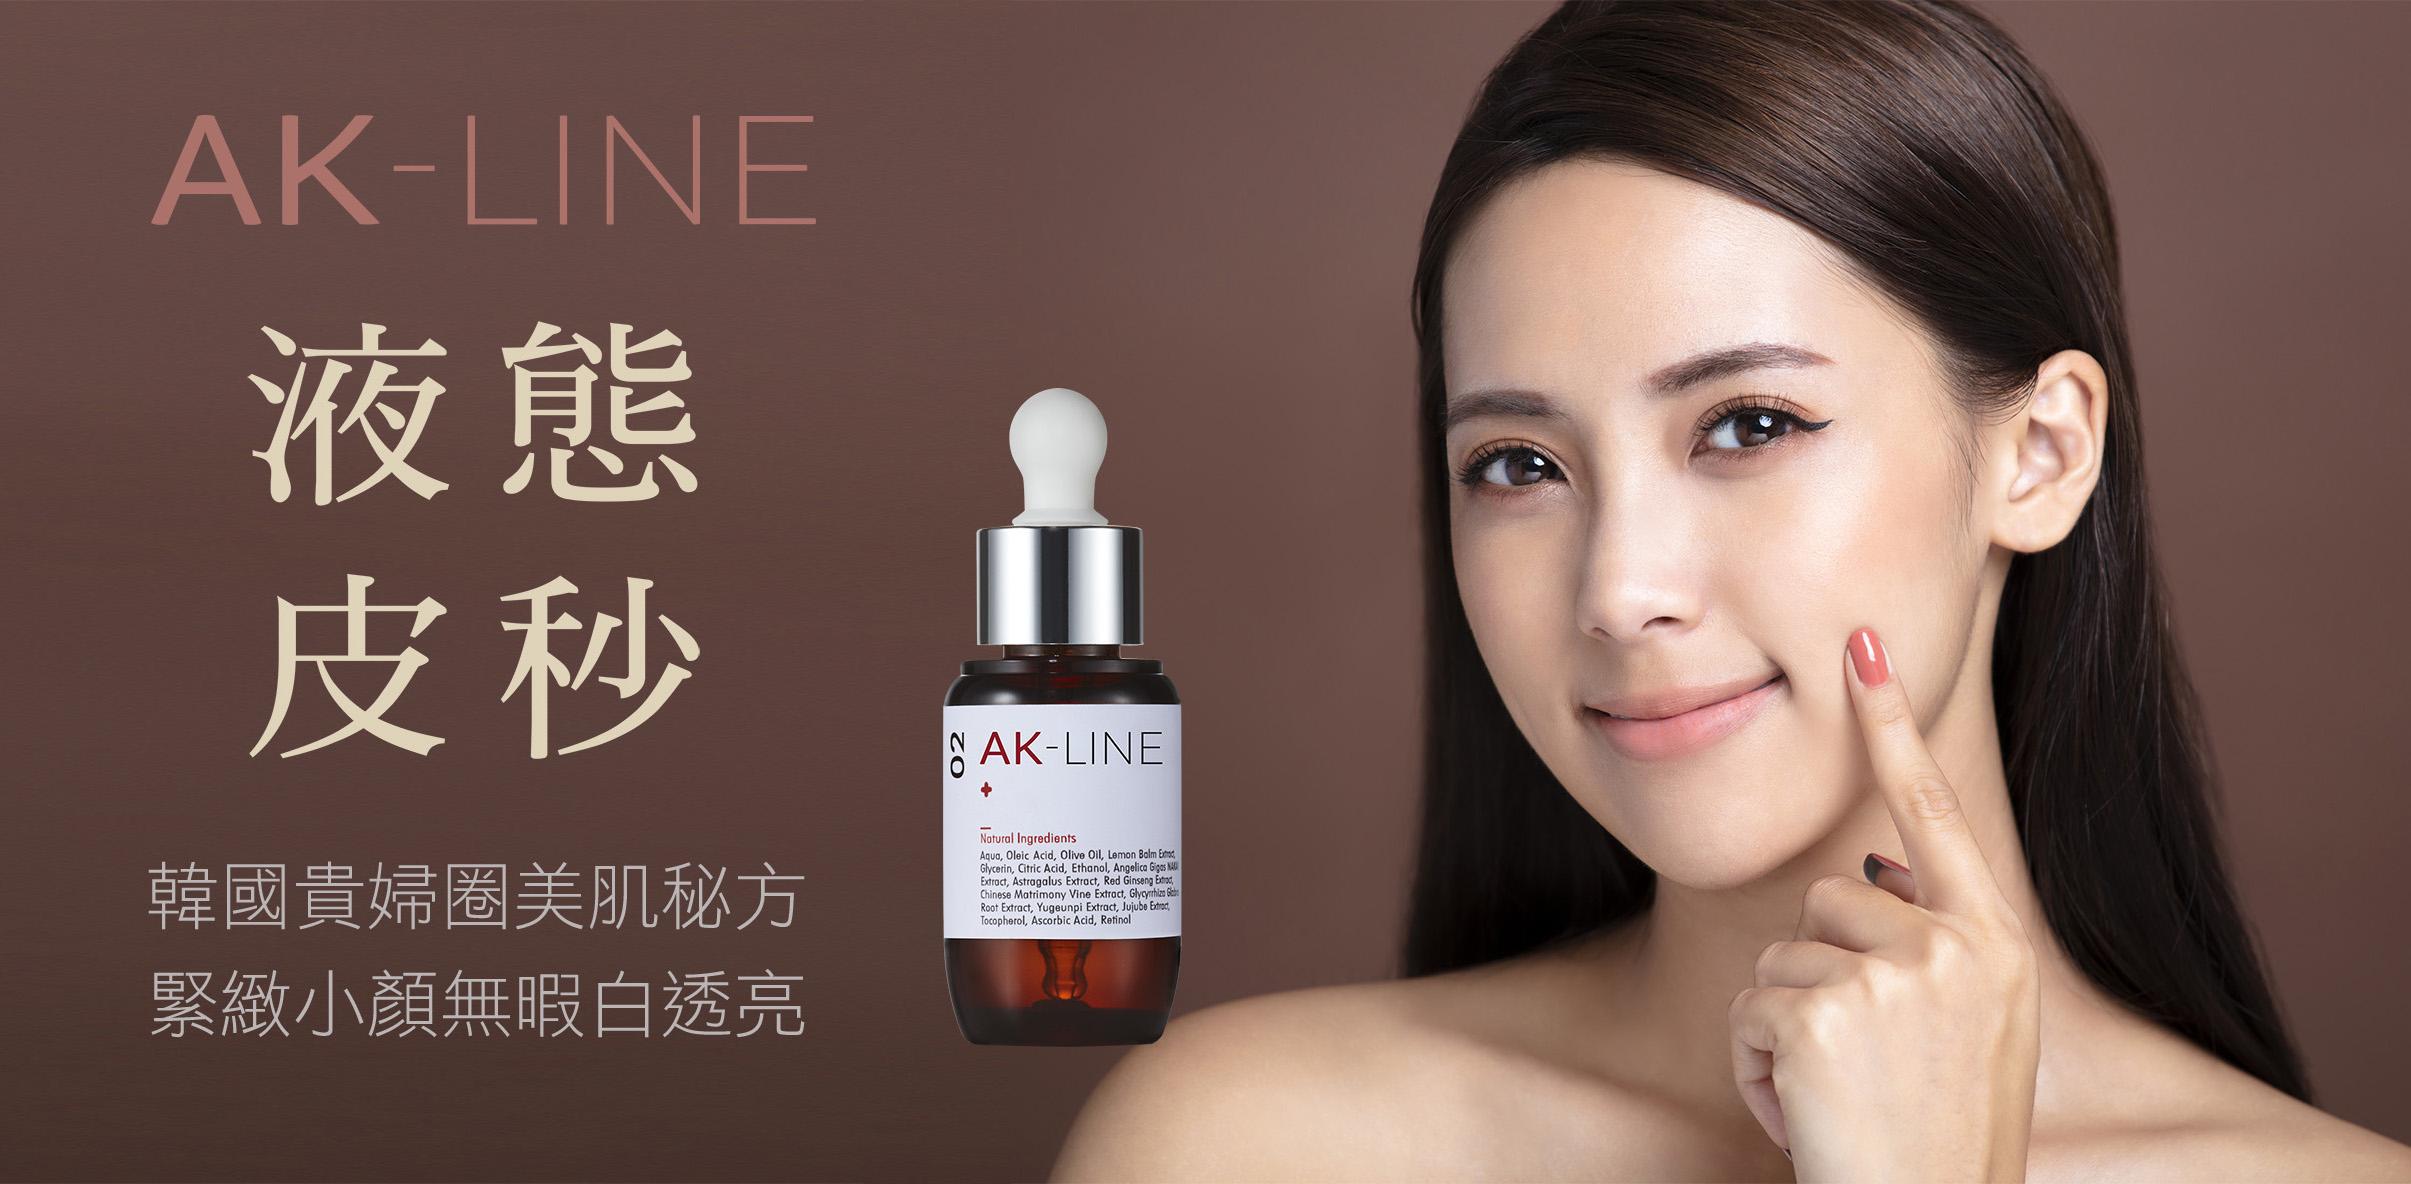 正宗韓國 AK-line液態皮秒 貴婦首選 皮膚管理療程